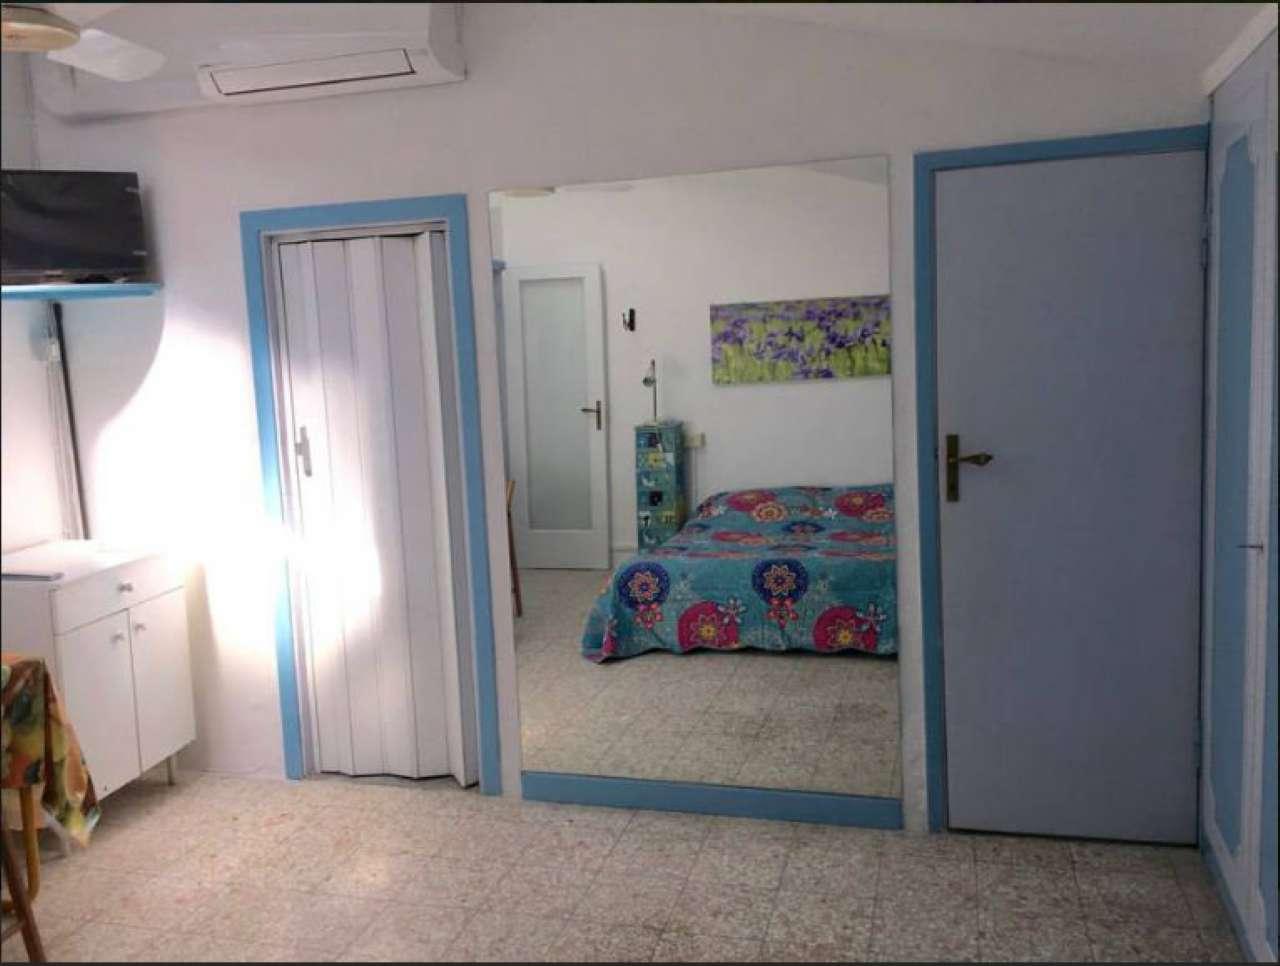 Attico / Mansarda in affitto a Firenze, 1 locali, zona Zona: 16 . Le Cure, prezzo € 600 | Cambio Casa.it